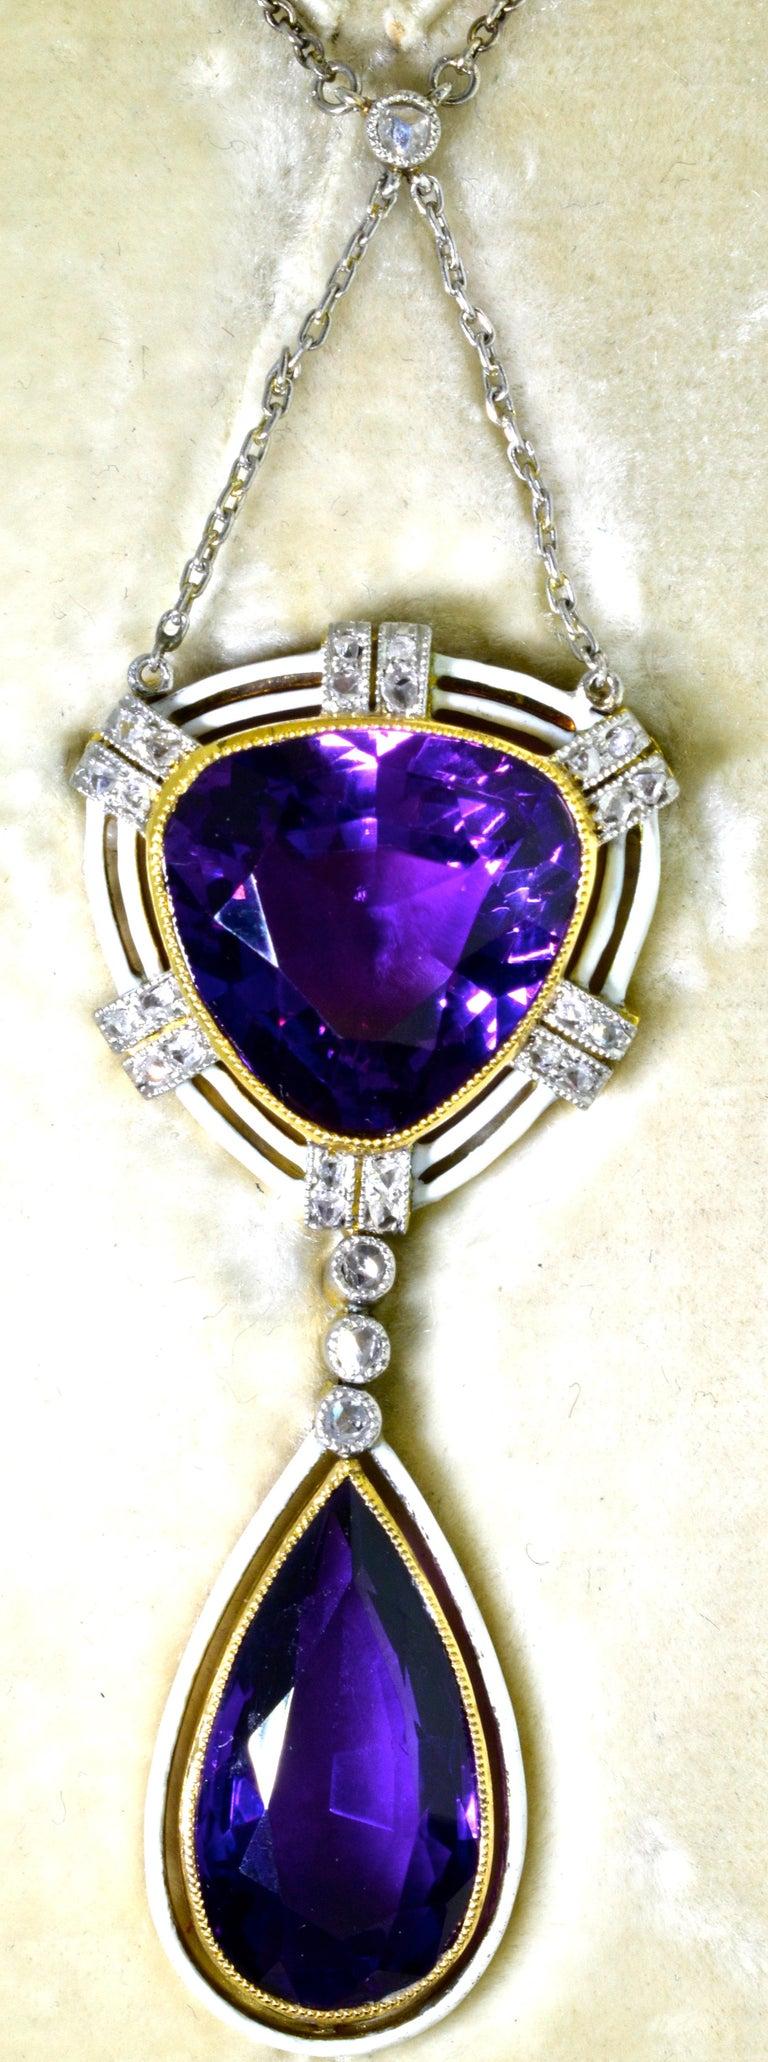 Belle Époque Antique Amethyst, Diamond and Enamel Pendant Necklace, circa 1895 For Sale